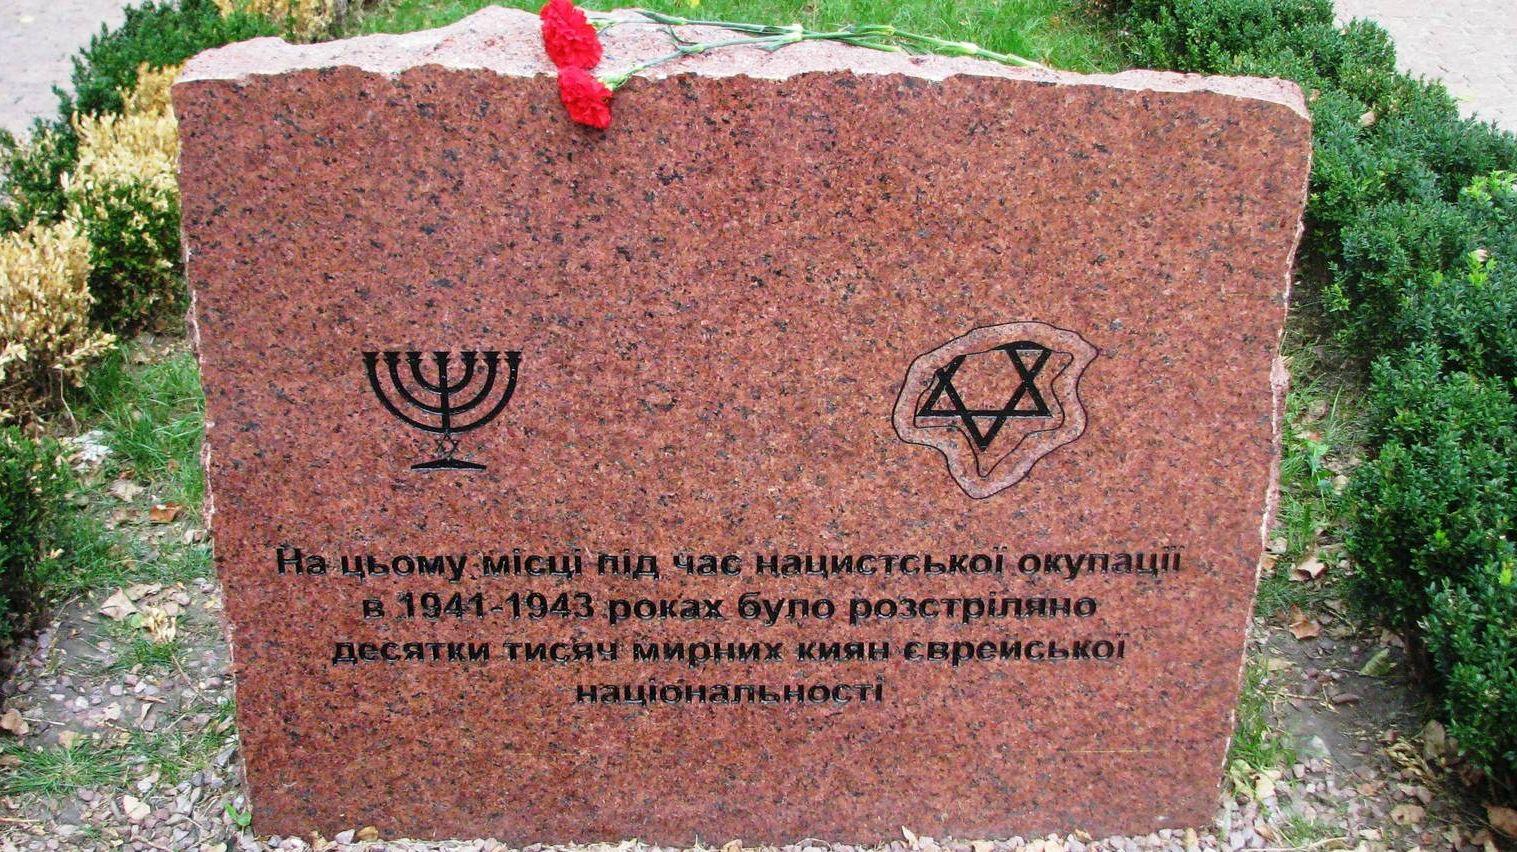 Мемориальный камень в Бабьем Яру